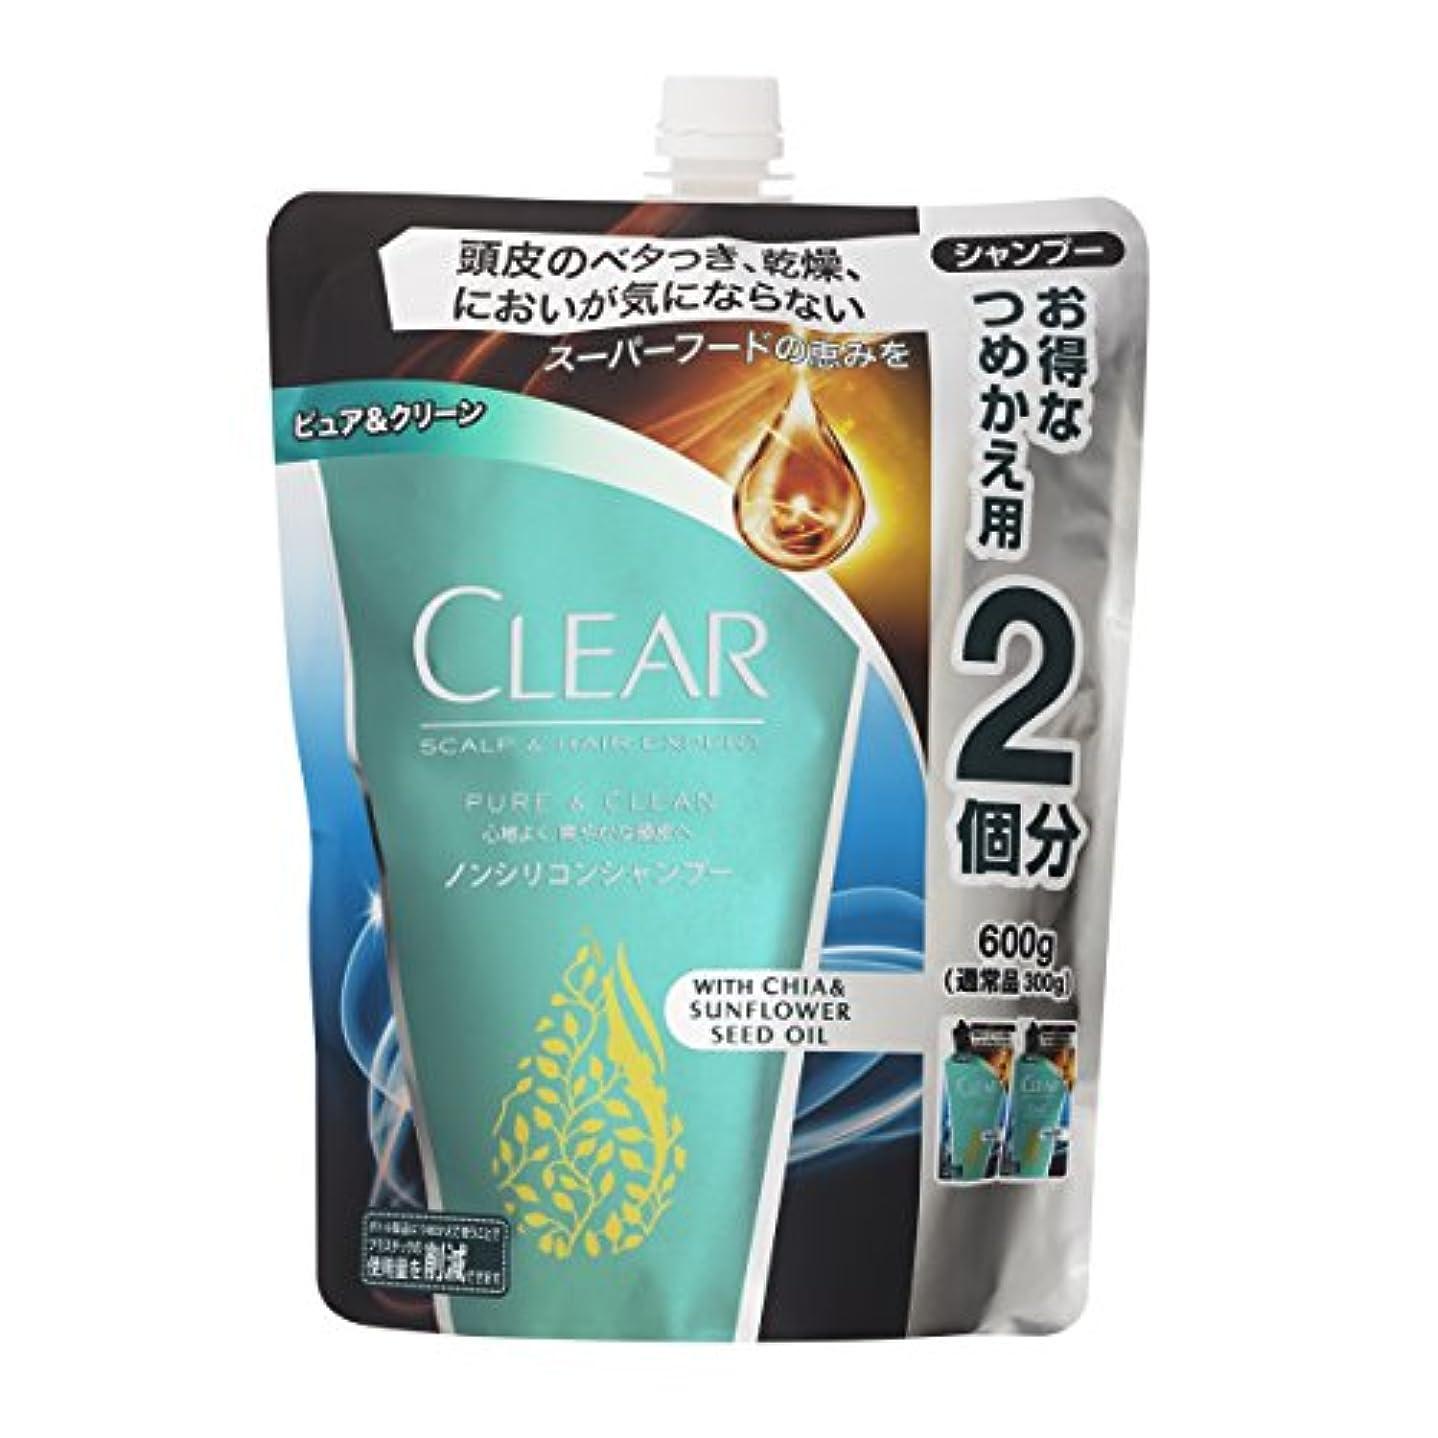 徹底生産的拒絶するクリア ピュア&クリーン ノンシリコンシャンプー つめかえ用 (心地よく、爽やかな頭皮へ) 600g